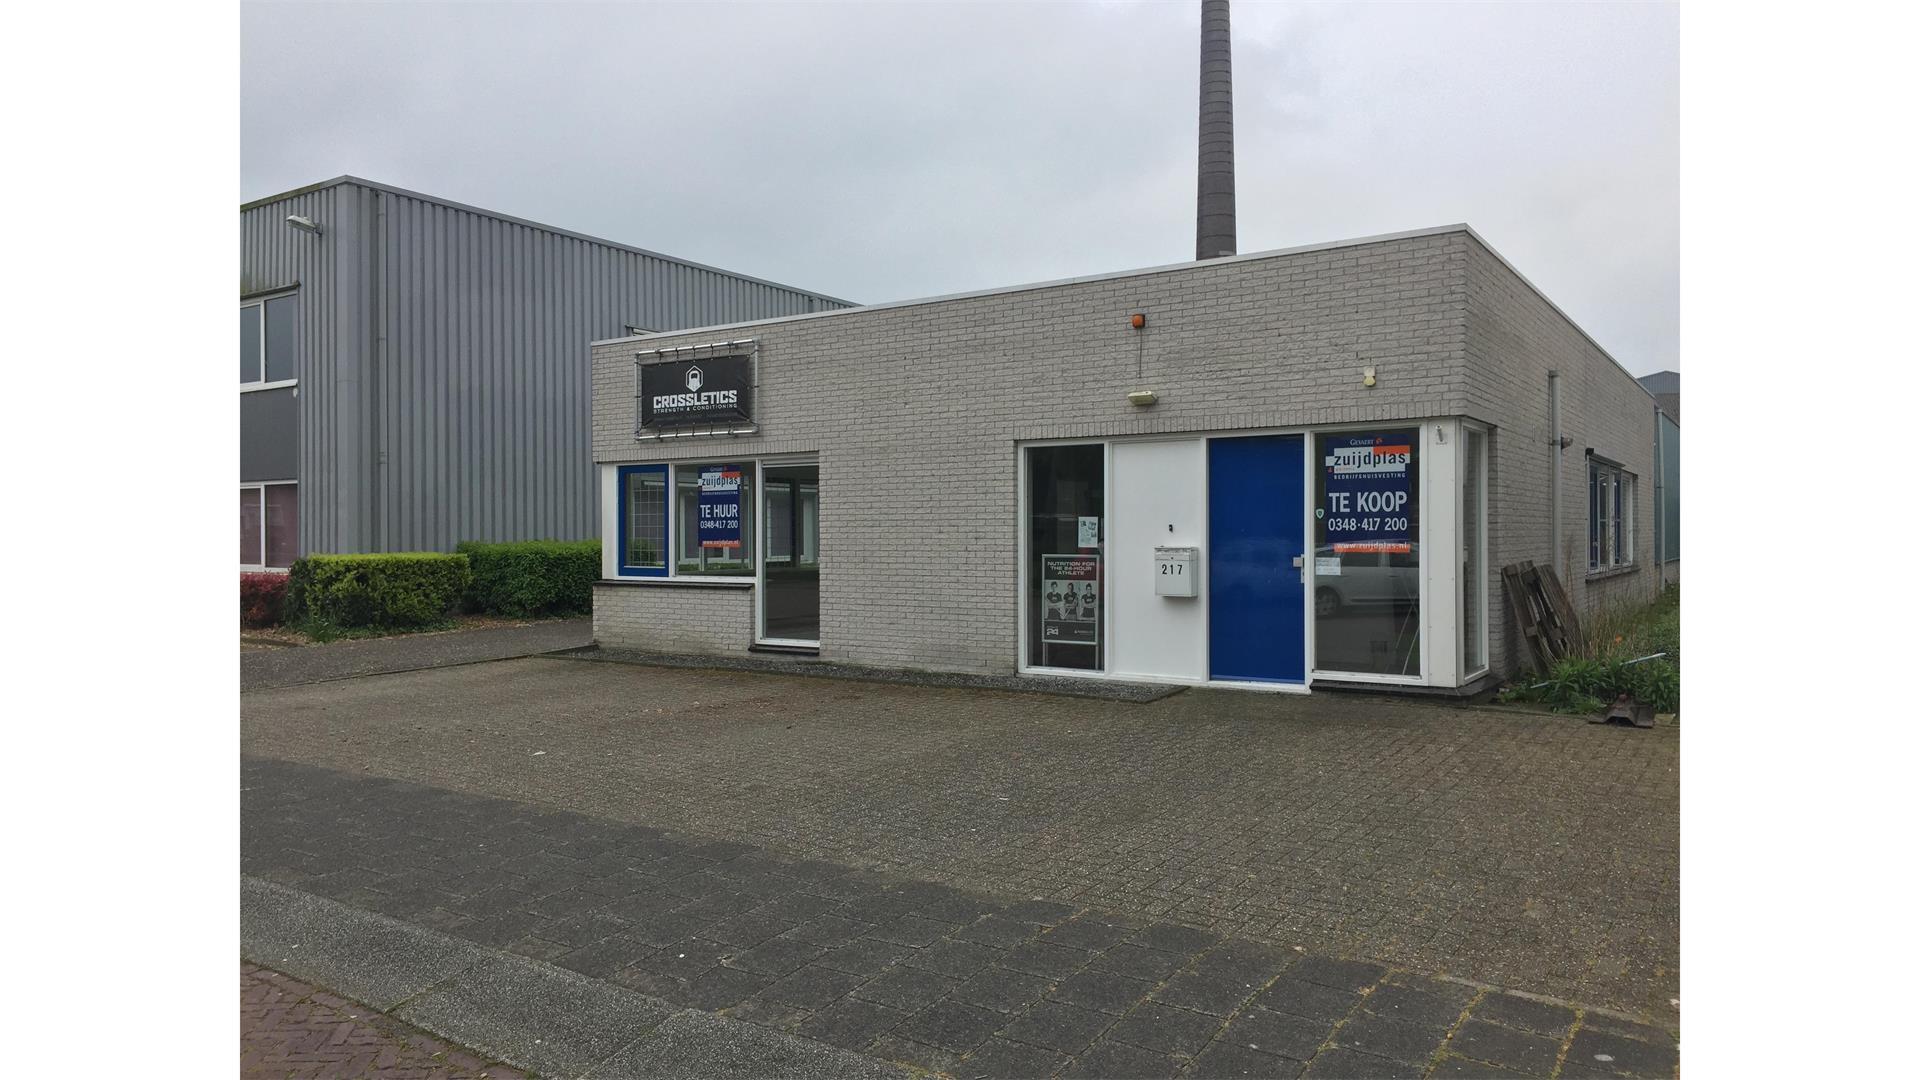 Garage Huren Woerden : Leidsestraatweg woerden kantoor te huu